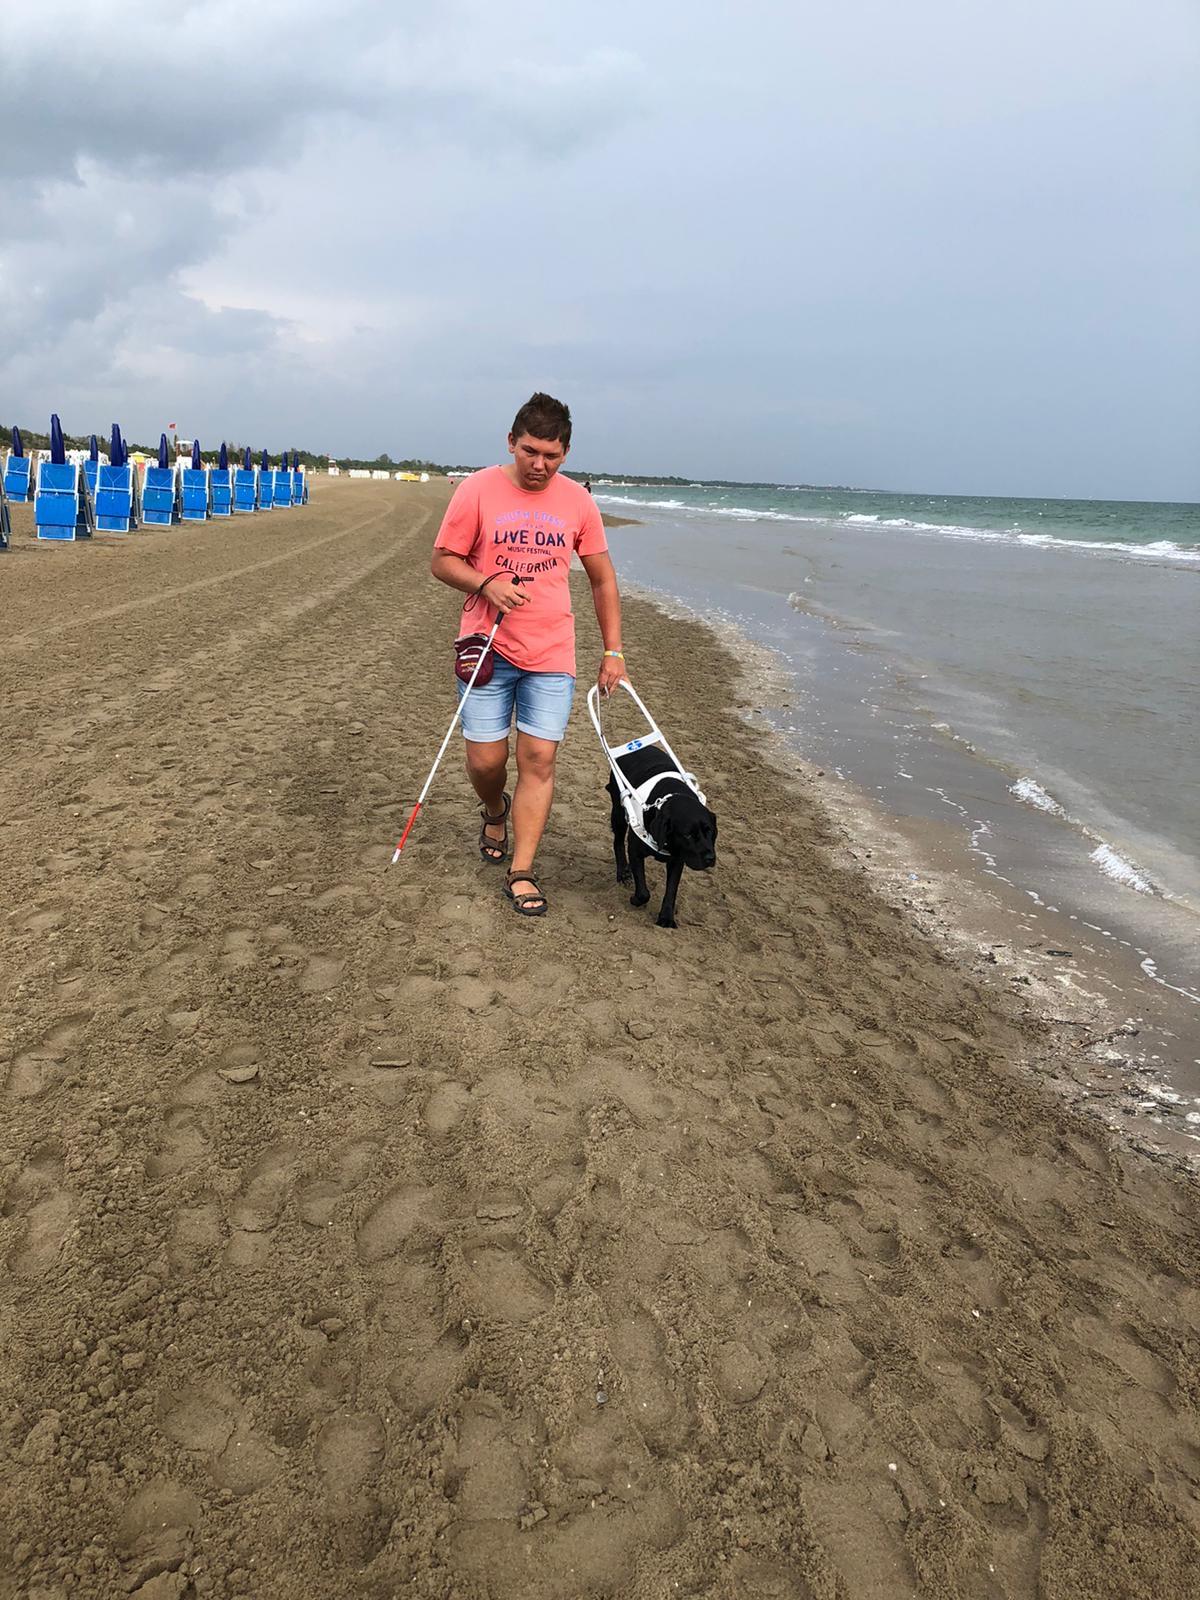 Dustin läuft mit Führhund Una am Strand entlang